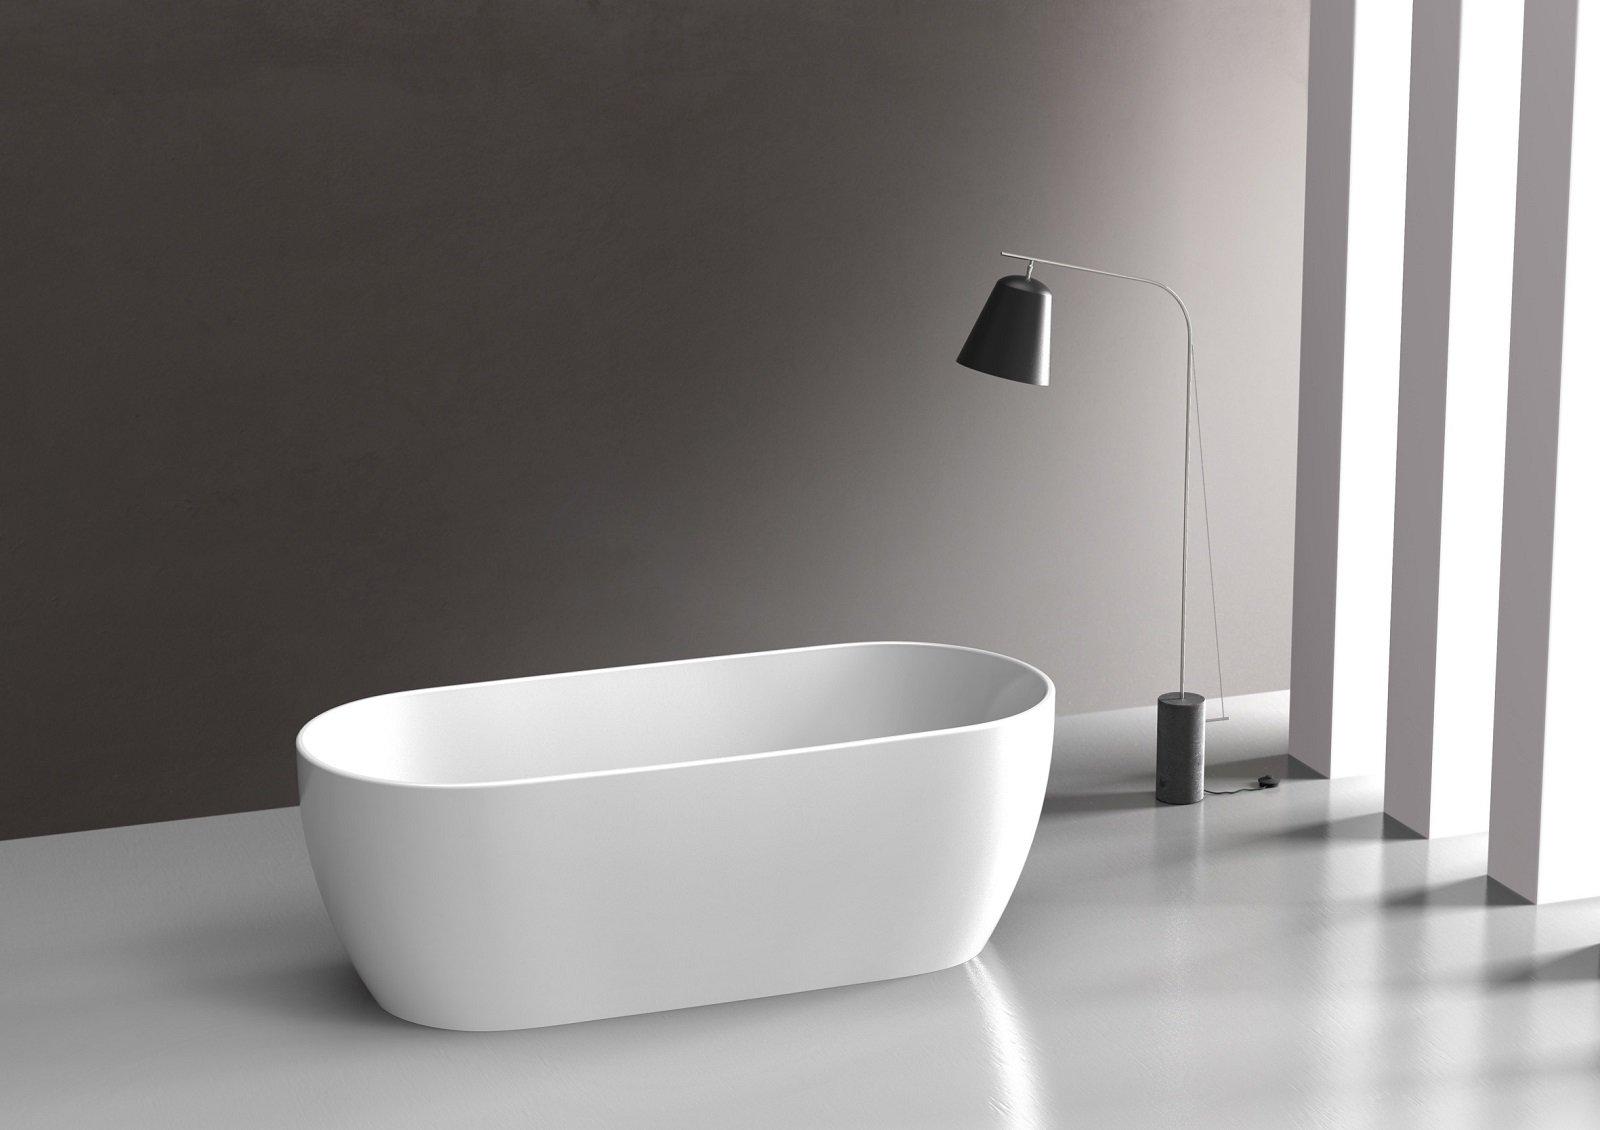 ideal standard | rubinetteria, sanitari e lavabi, doccia, vasche ... : vasca da bagno incasso : Vasca Da Bagno